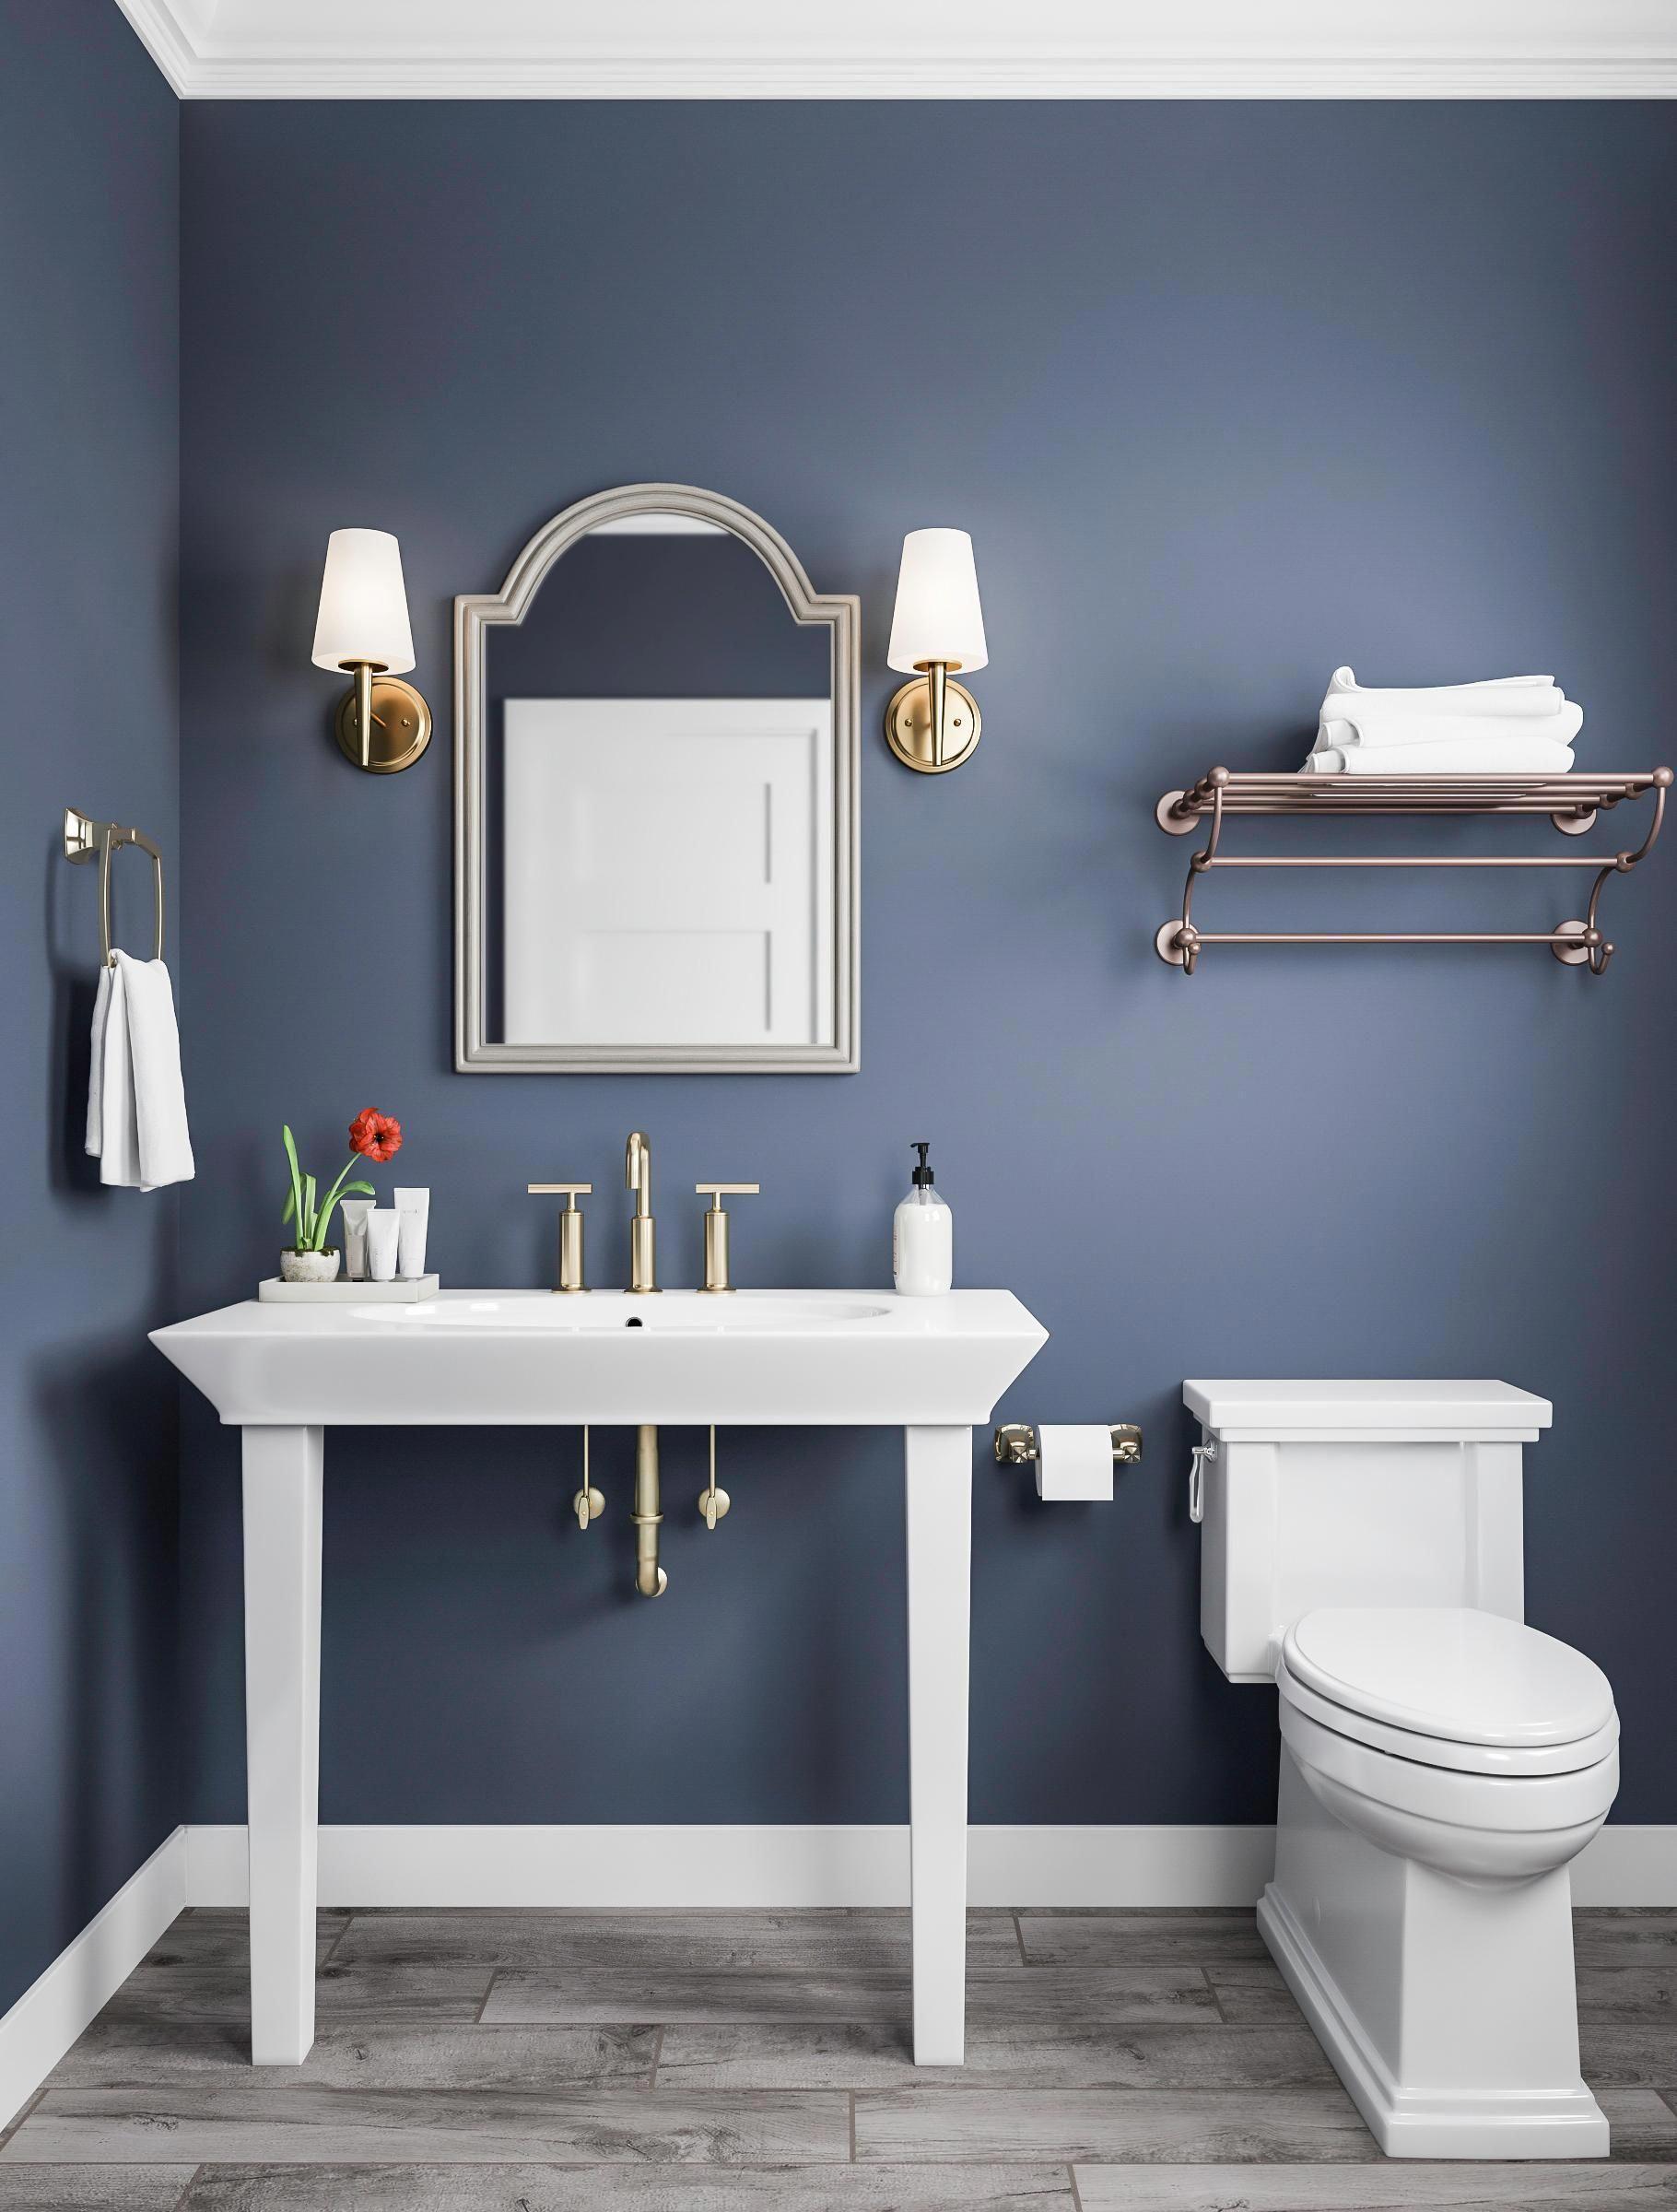 Blue Bathroom Sets Gray Bathroom Accessories Set Black Glass Bathroom Accessories 20190415 Bathroom Wall Colors Blue Bathroom Walls Bathroom Design Small